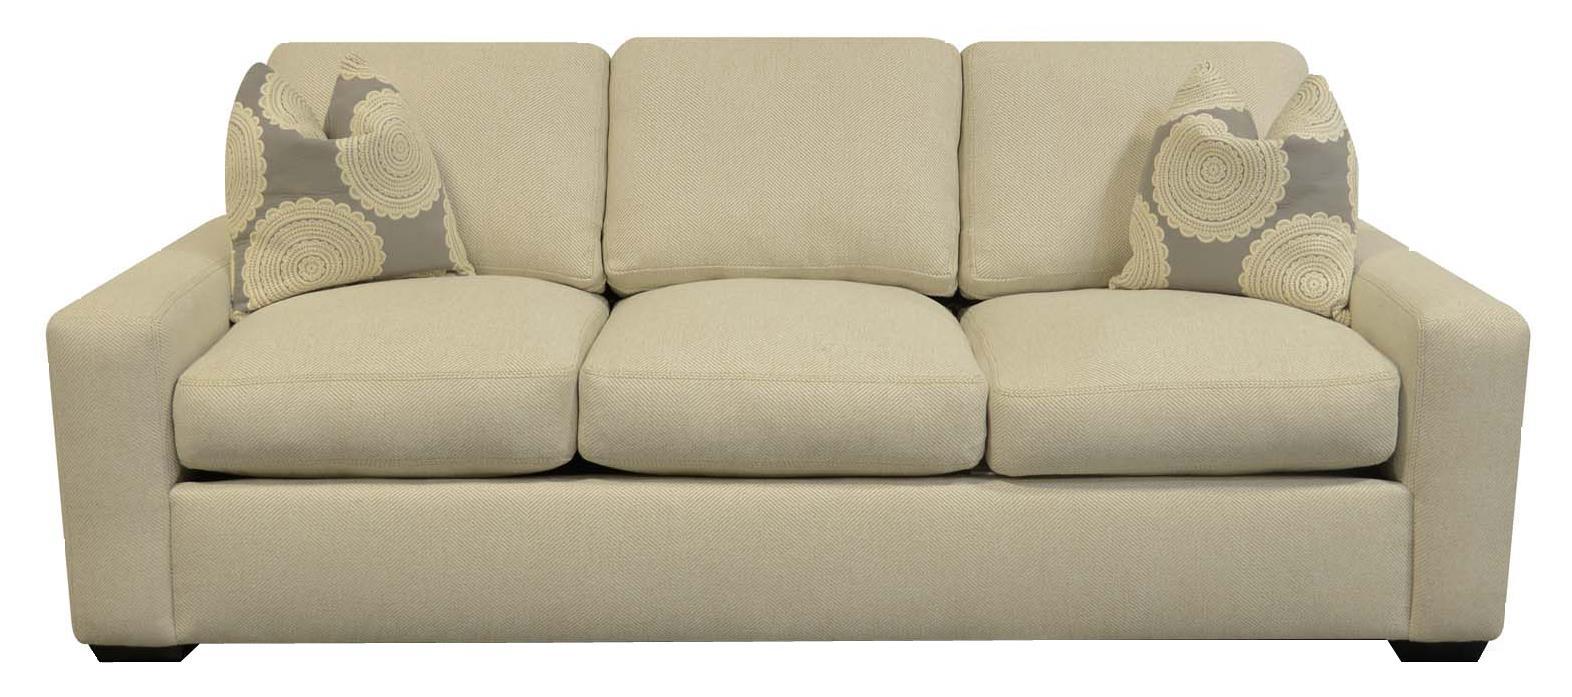 England TreeceStationary Sofa; England TreeceStationary Sofa